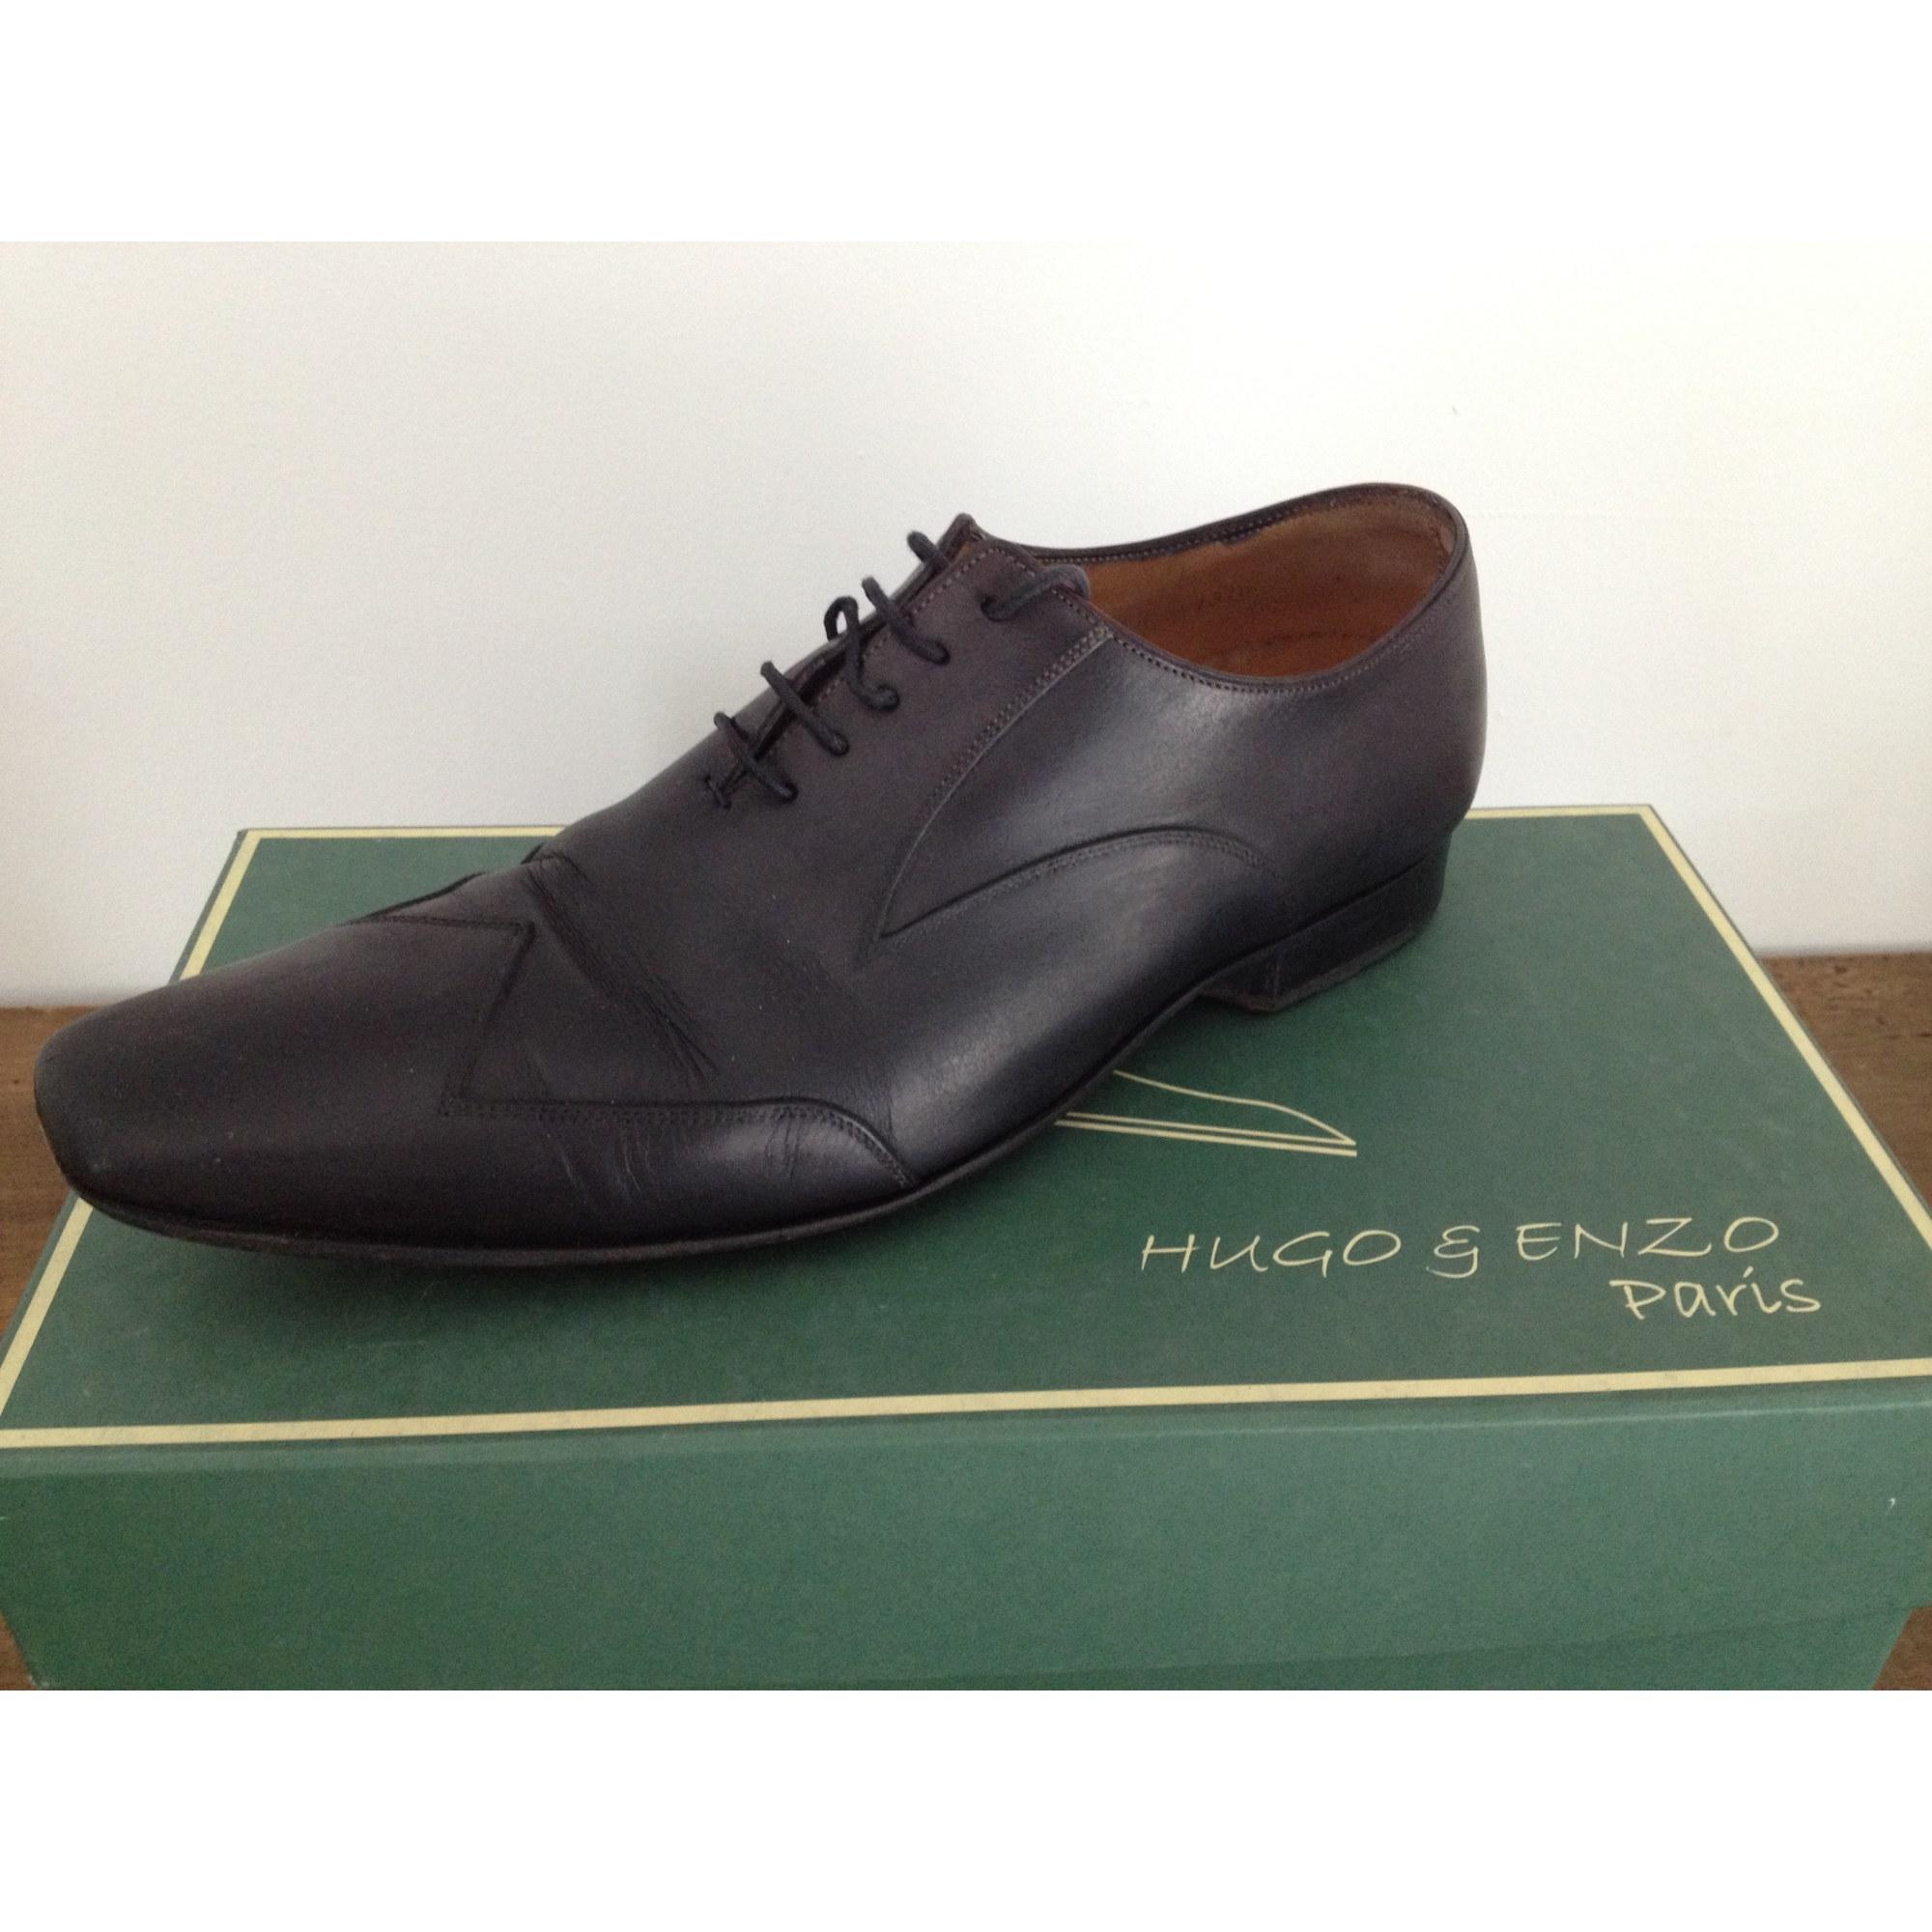 f695ad7e78b6 Chaussures à lacets HUGO ET ENZO 41 noir - 718642